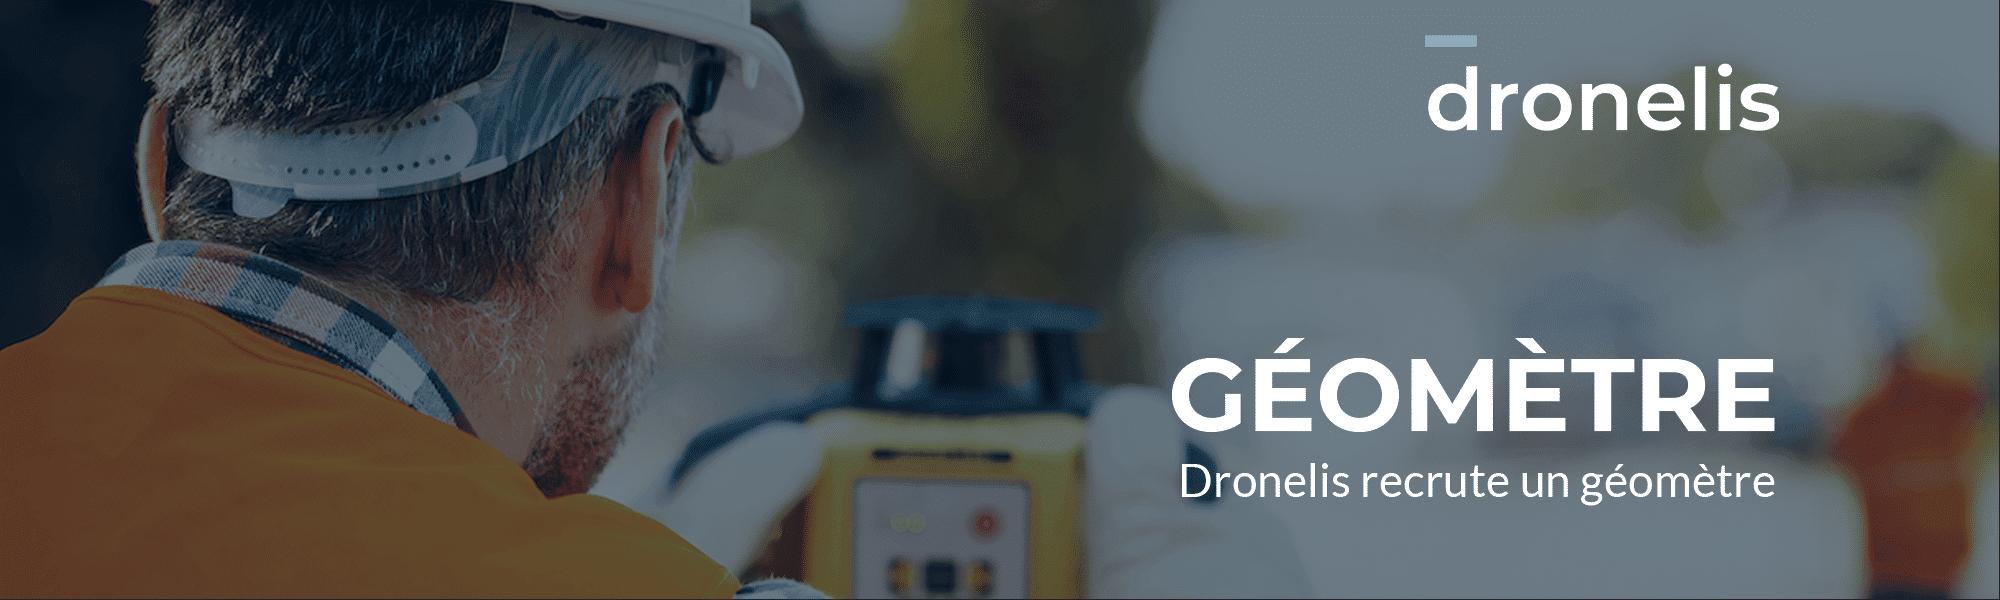 Dronelis recrute un Géomètre